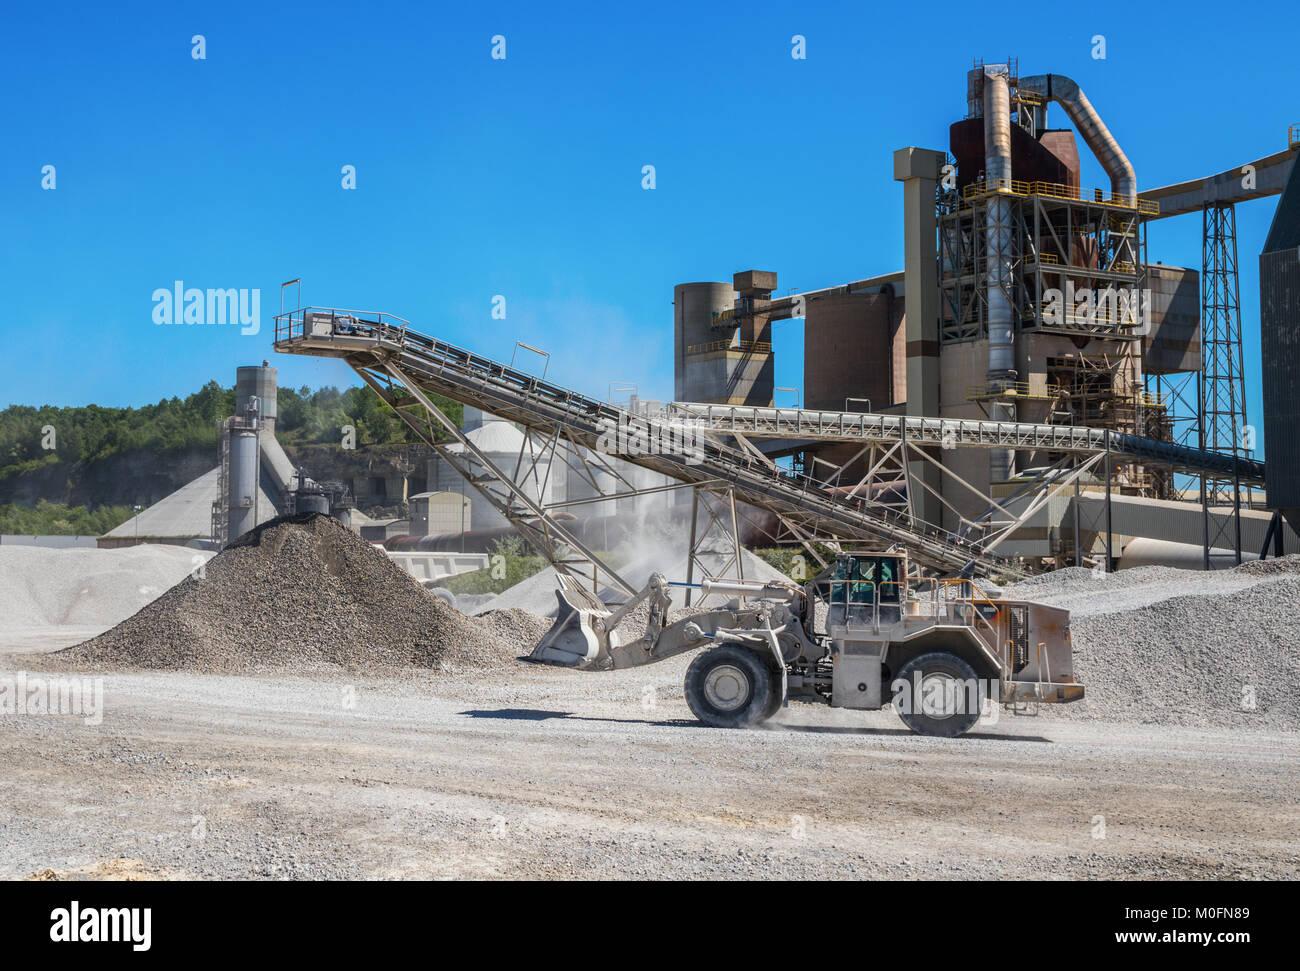 Cargadora de ruedas Caterpillar conduce a la fábrica de ladrillos en el Mount Saint Peter ENCI (primera industria Foto de stock